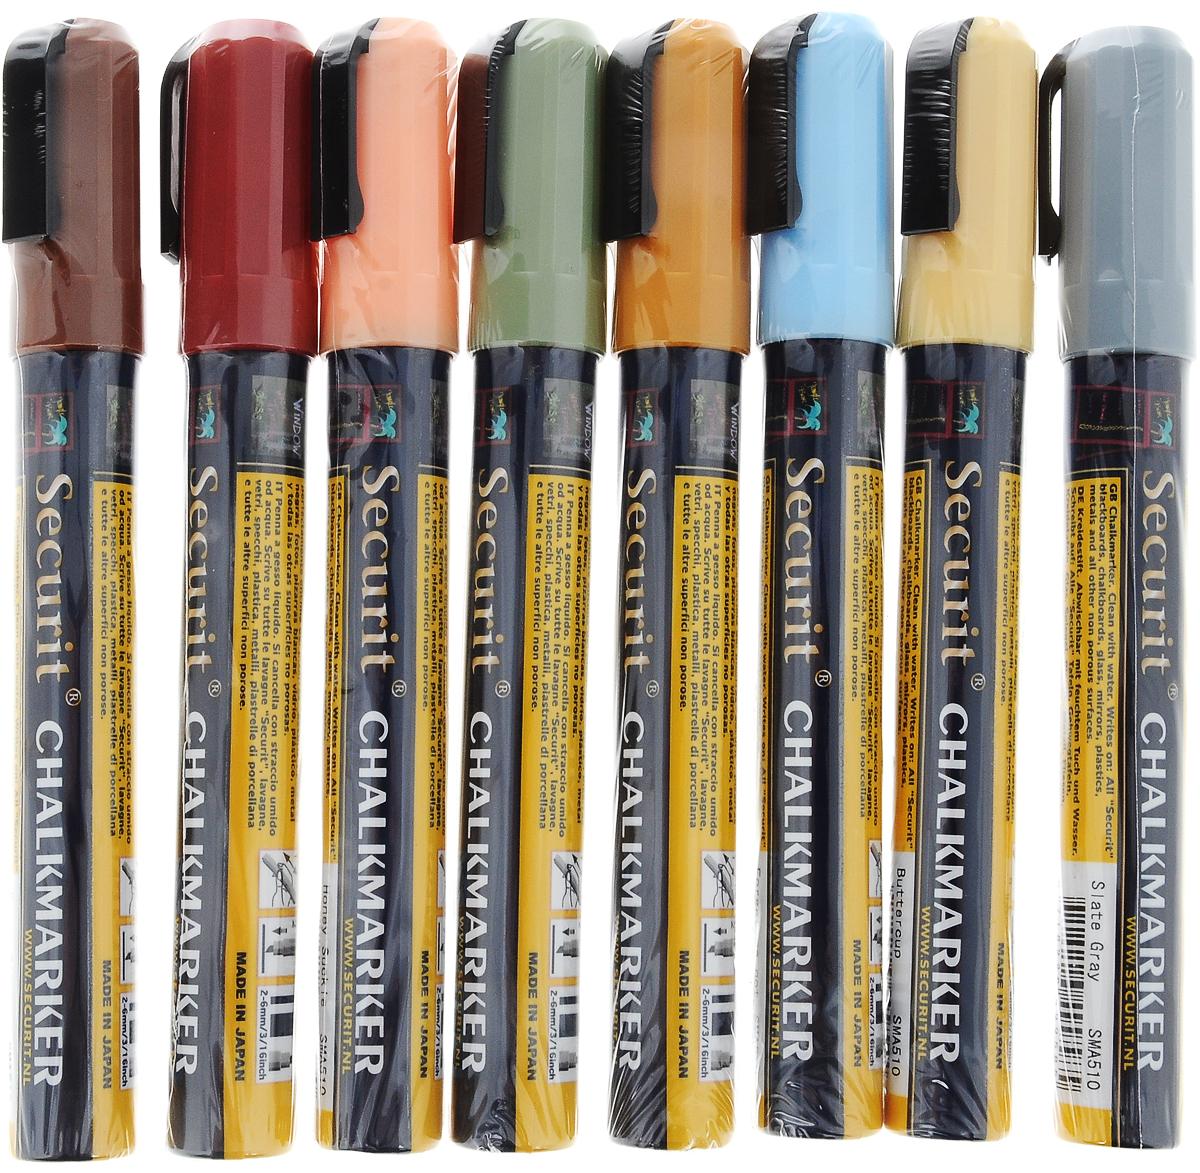 Маркеры для сообщений Securit, 8 шт72523WDМаркеры для сообщений Securit - это набор из 8 меловых маркеров цвета зеленого мха, коричневого, светло-желтого, серого, светло-оранжевого, голубого, вишневого, оранжевого цветов. Меловые маркеры позволяют наносить стираемые надписи на любые непористые поверхности - стекло, зеркала, пластик, металл или специальные покрытия и доски. Теперь вы сможете рисовать, делать заметки и отставлять послания для друзей и близких где угодно. Чтобы смыть надпись, достаточно просто протереть ее мокрой губкой. Толщина линии: 2-6 мм.Длина маркера: 14,5 см.